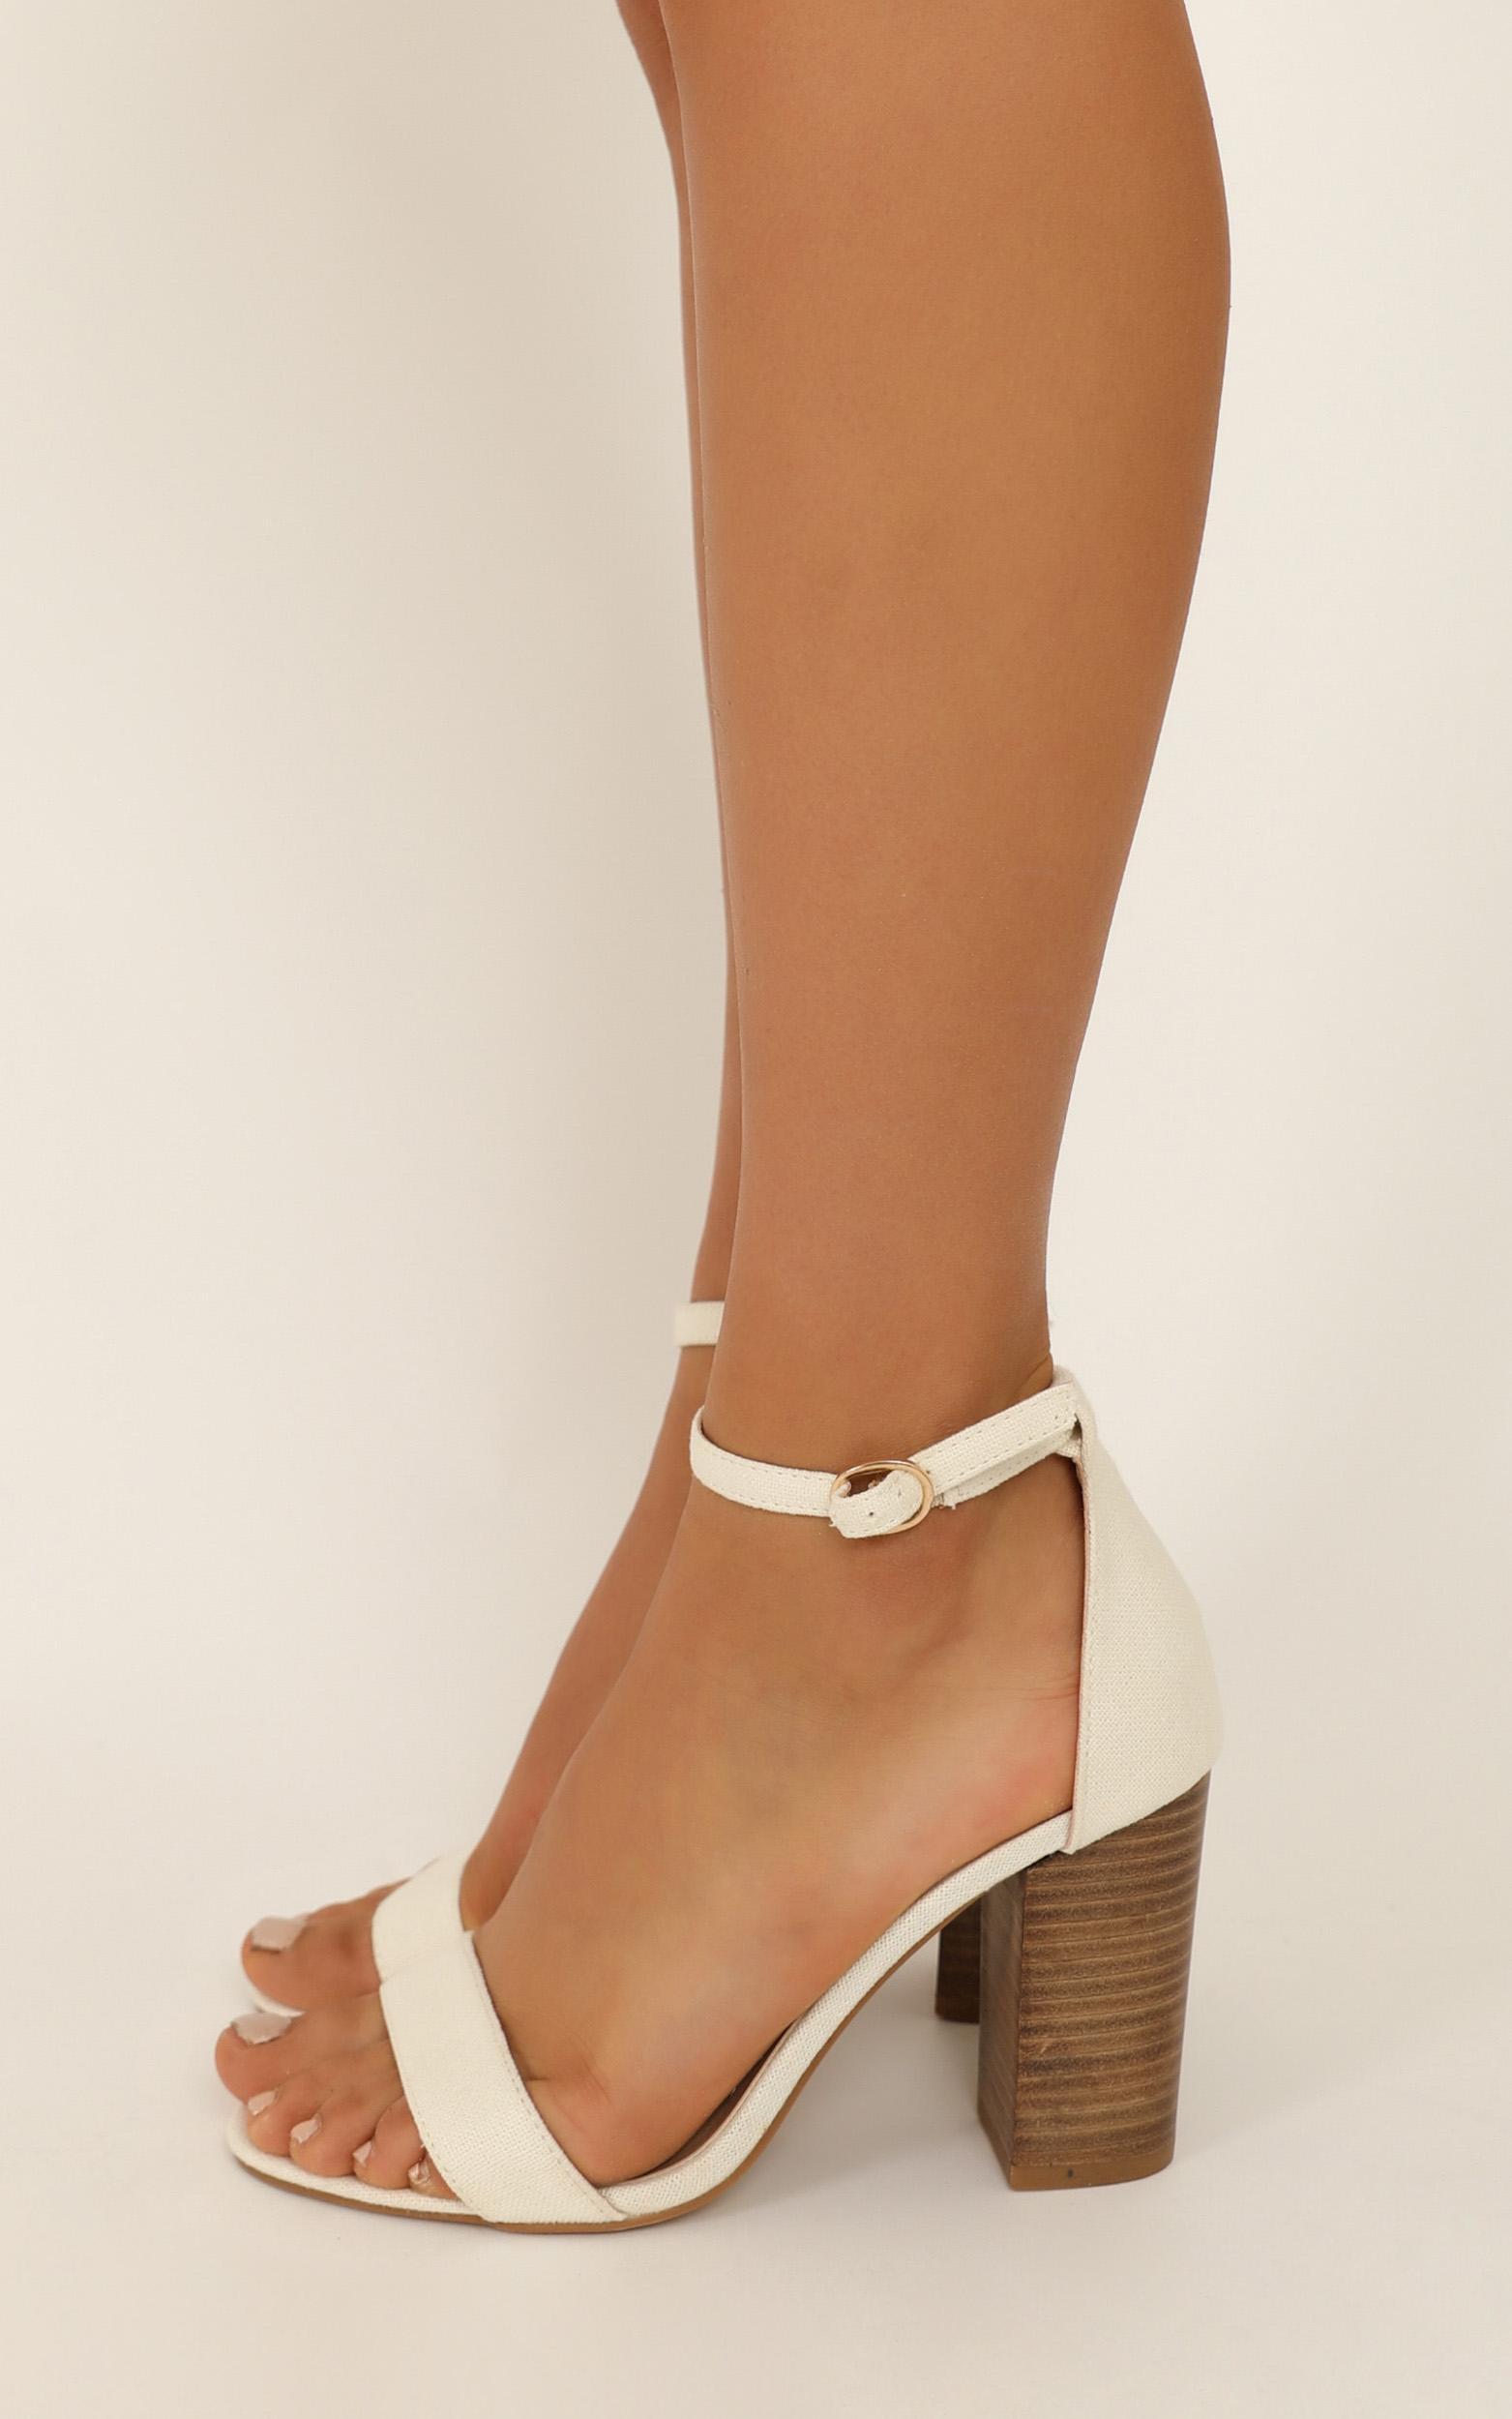 Billini - Narva heels in beige linen - 10, Beige, hi-res image number null